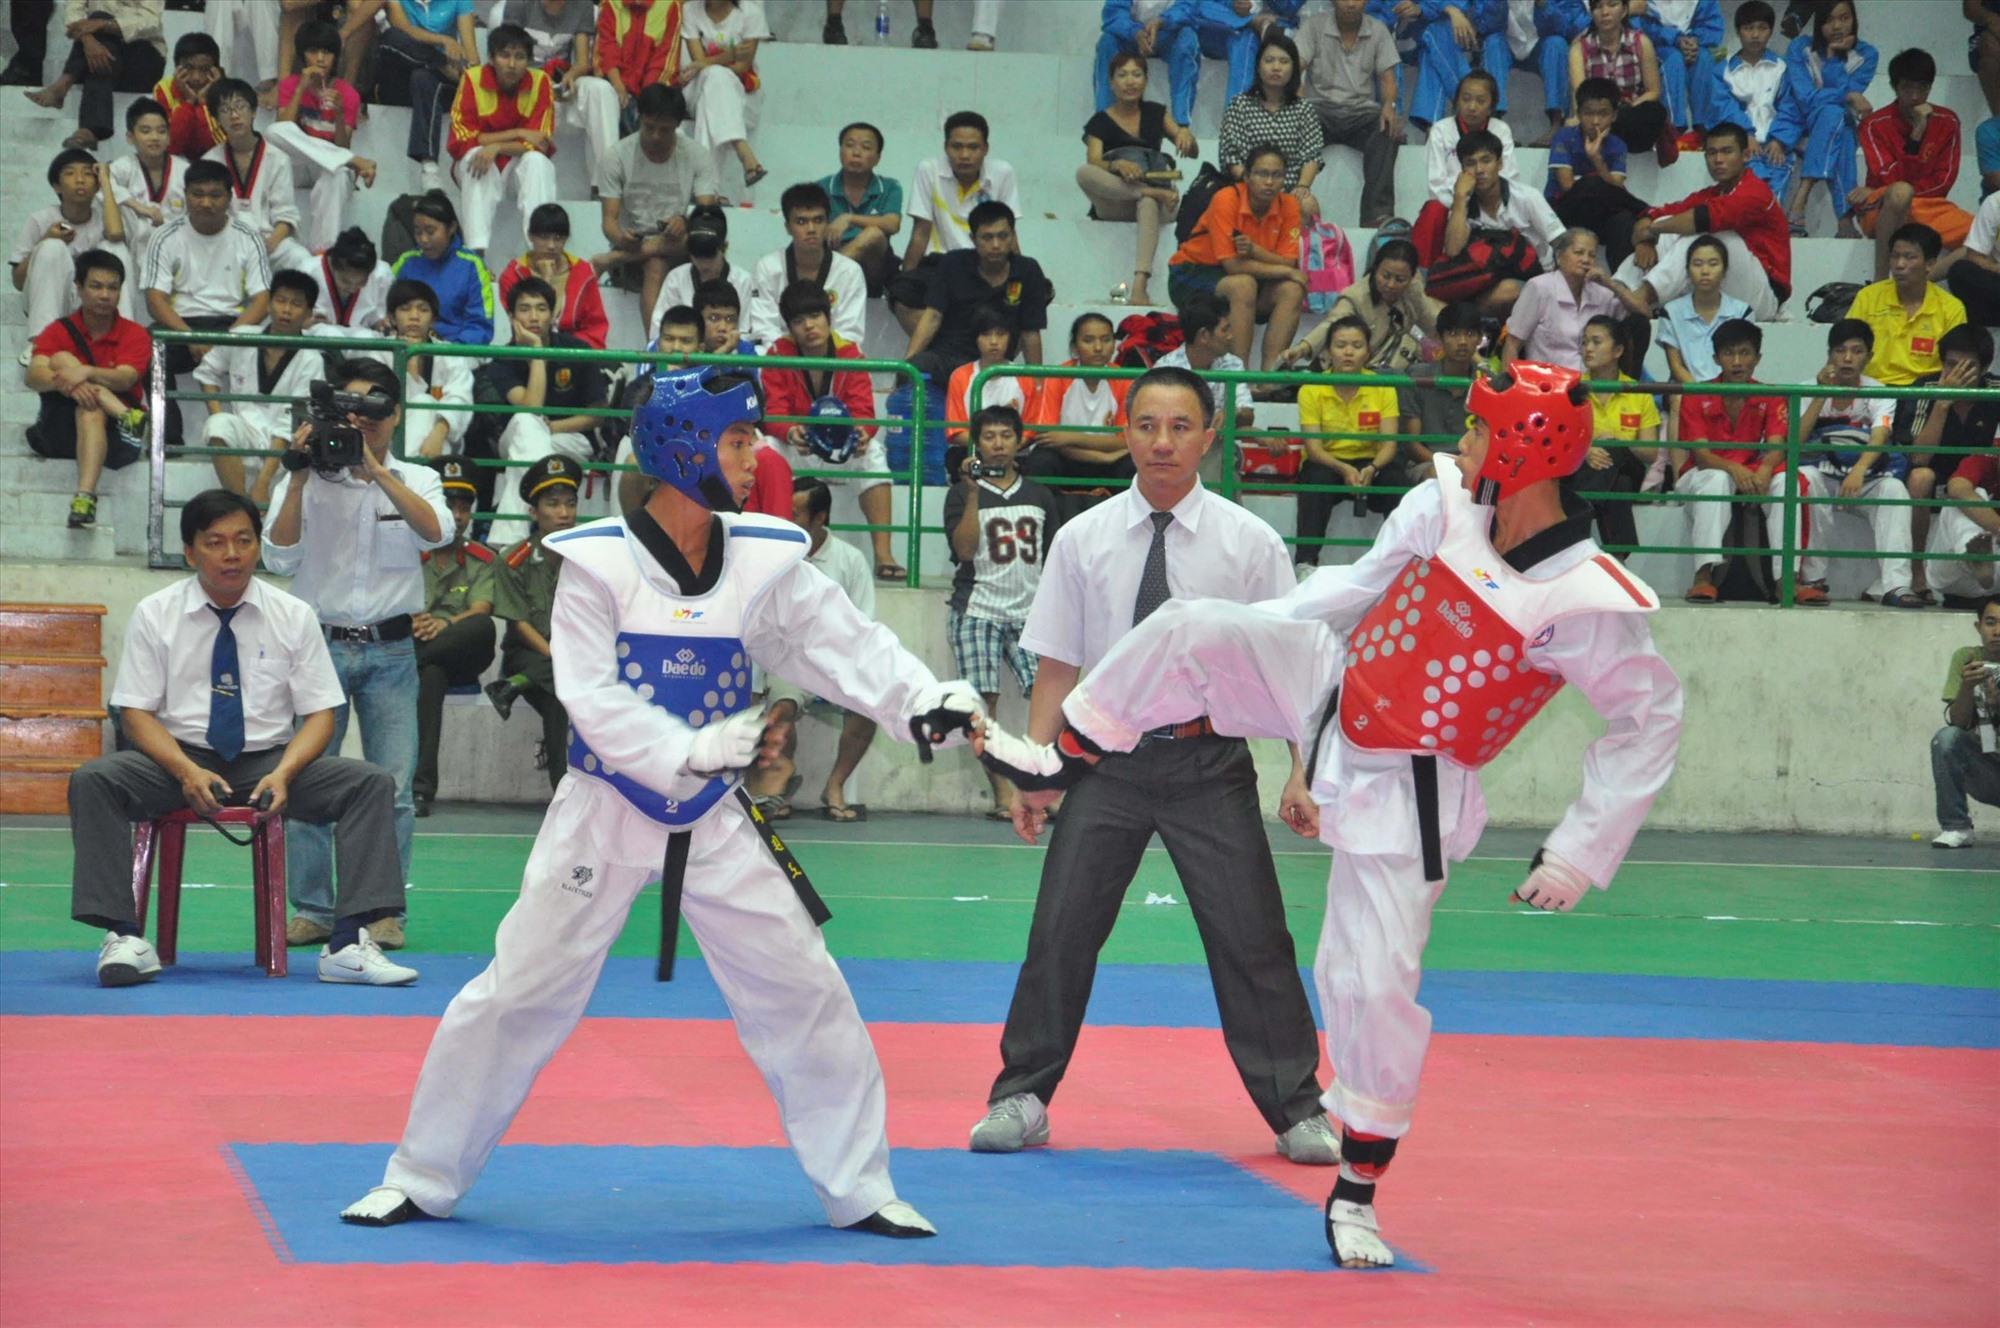 Giải vô địch Taekwondo toàn quốc năm 2015 diễn ra tại Quảng Nam. Ảnh: T.VY